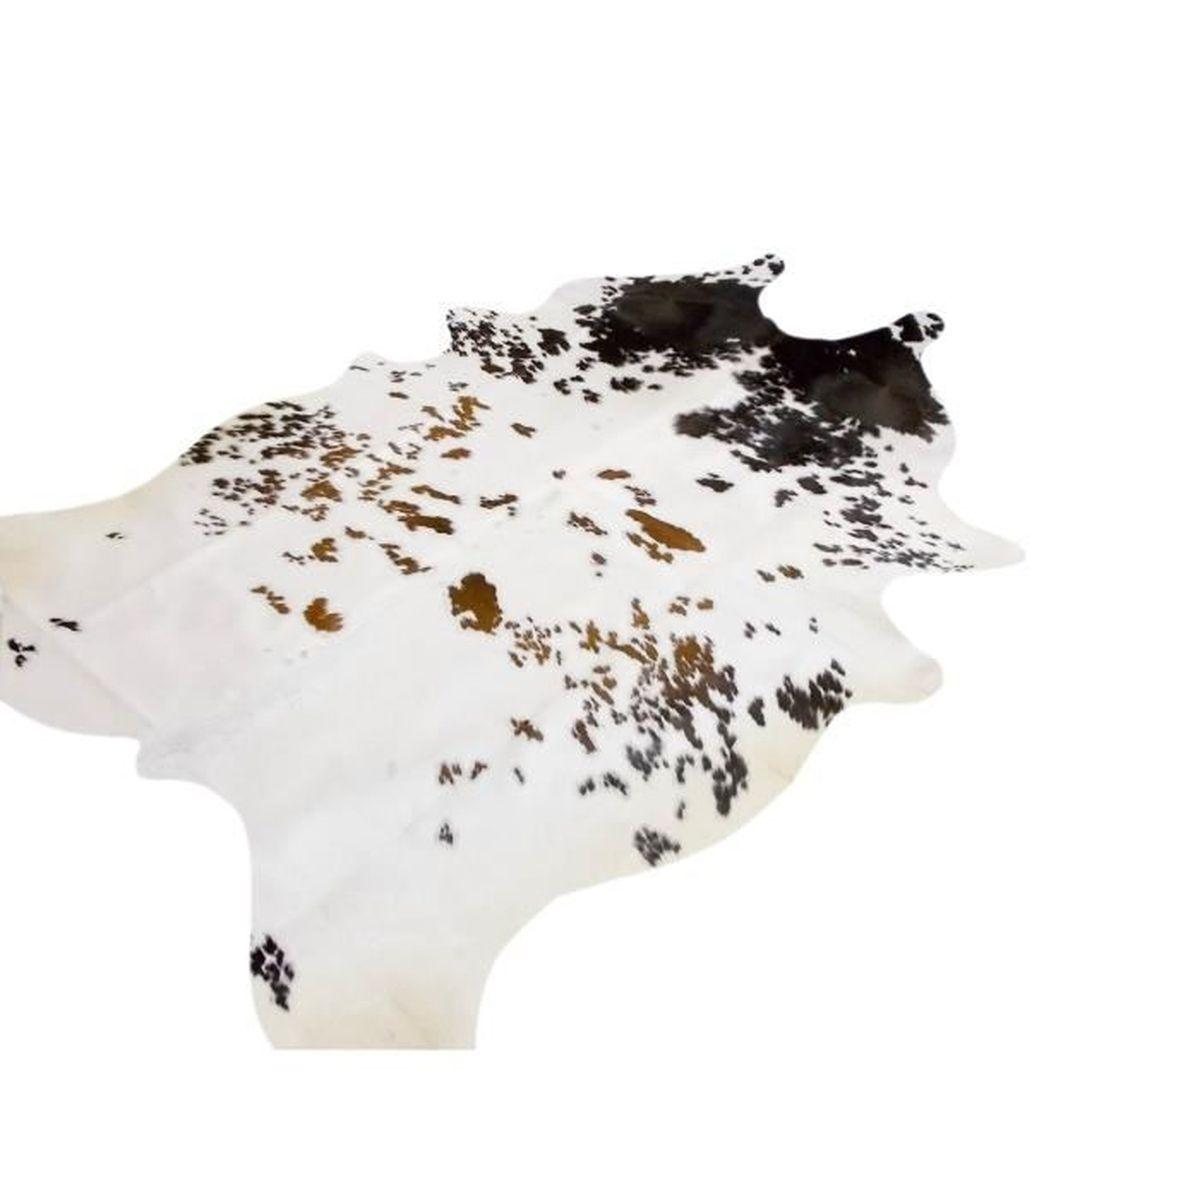 Peau de vache premium d 39 am rique du sud belle tricolore - Tapis peau de vache maison du monde ...